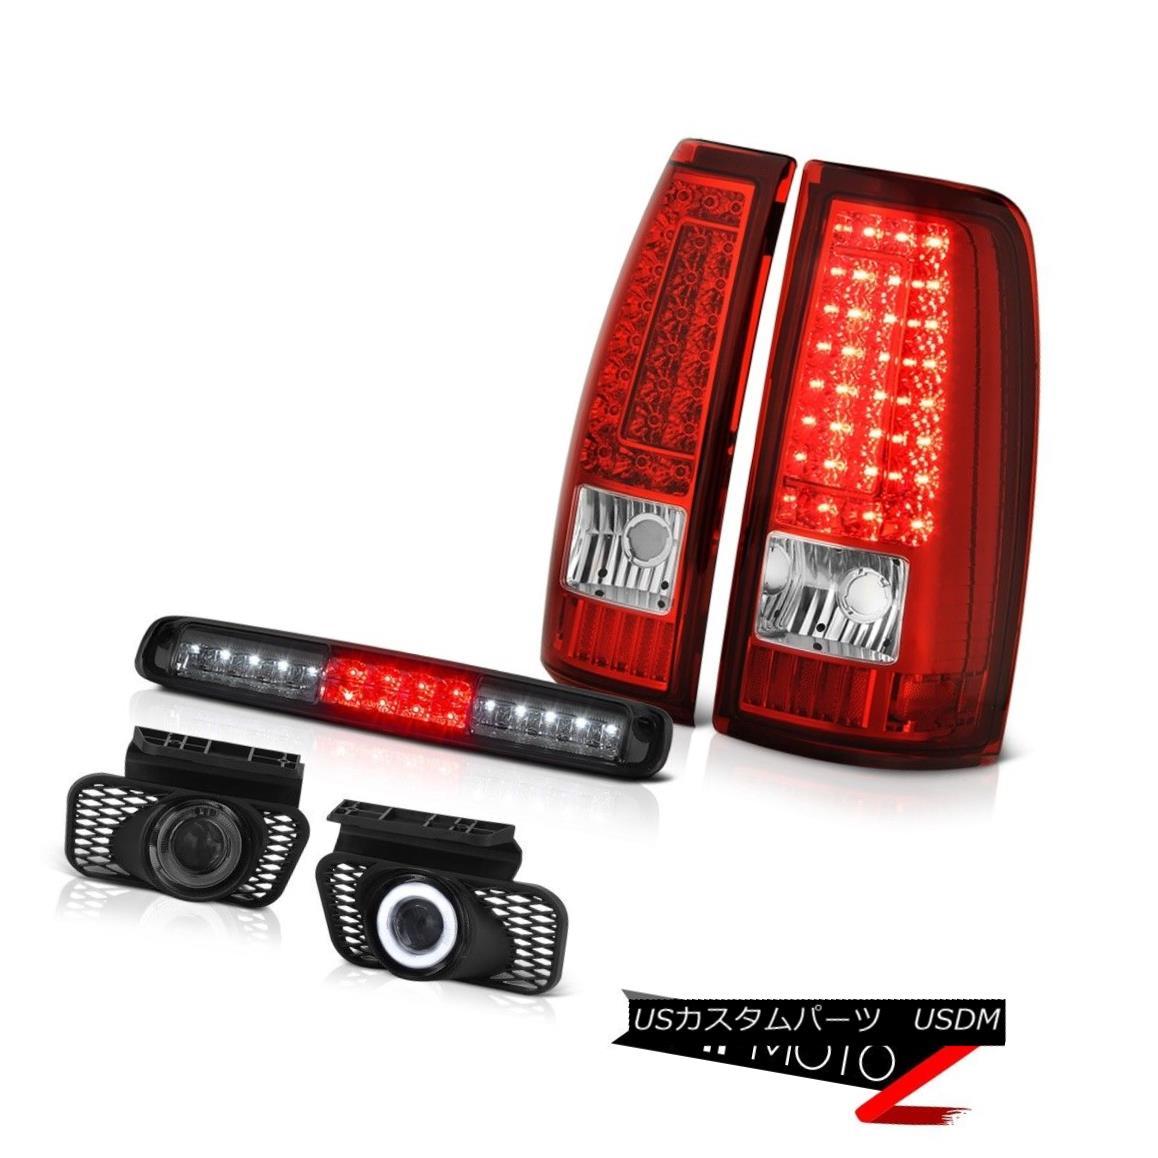 テールライト 2003-2006 Silverado Smokey 3RD Brake Lamp Fog Lights Wine Red Parking Lights 2003-2006シルバラードスモーキー3RDブレーキランプフォグライトワインレッドパーキングライト